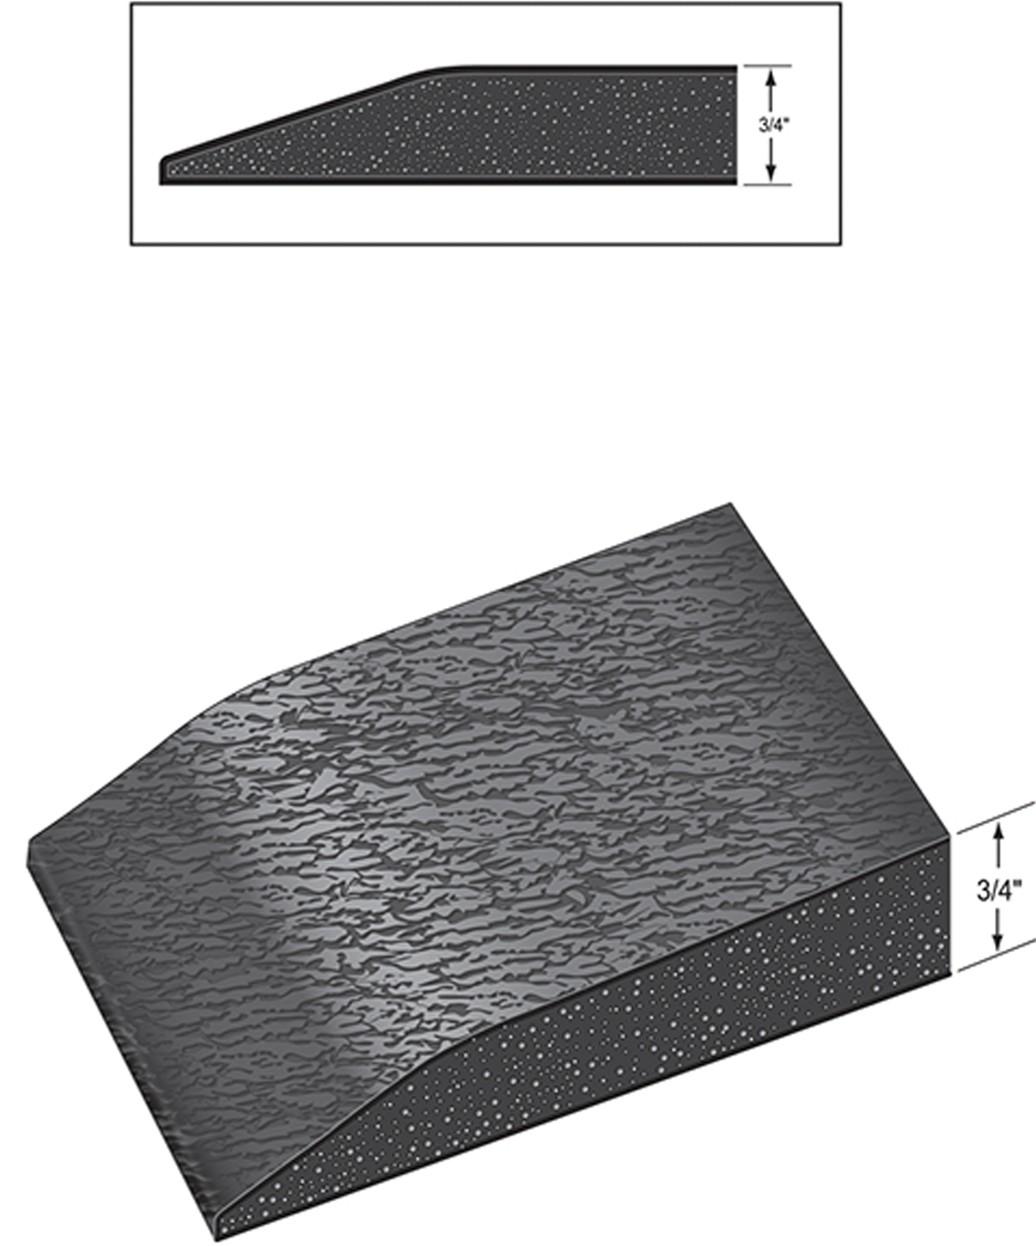 3' X 5' Rhino Comfort Craft Classic Anti-Fatigue Mat w/ Round Cut-Out